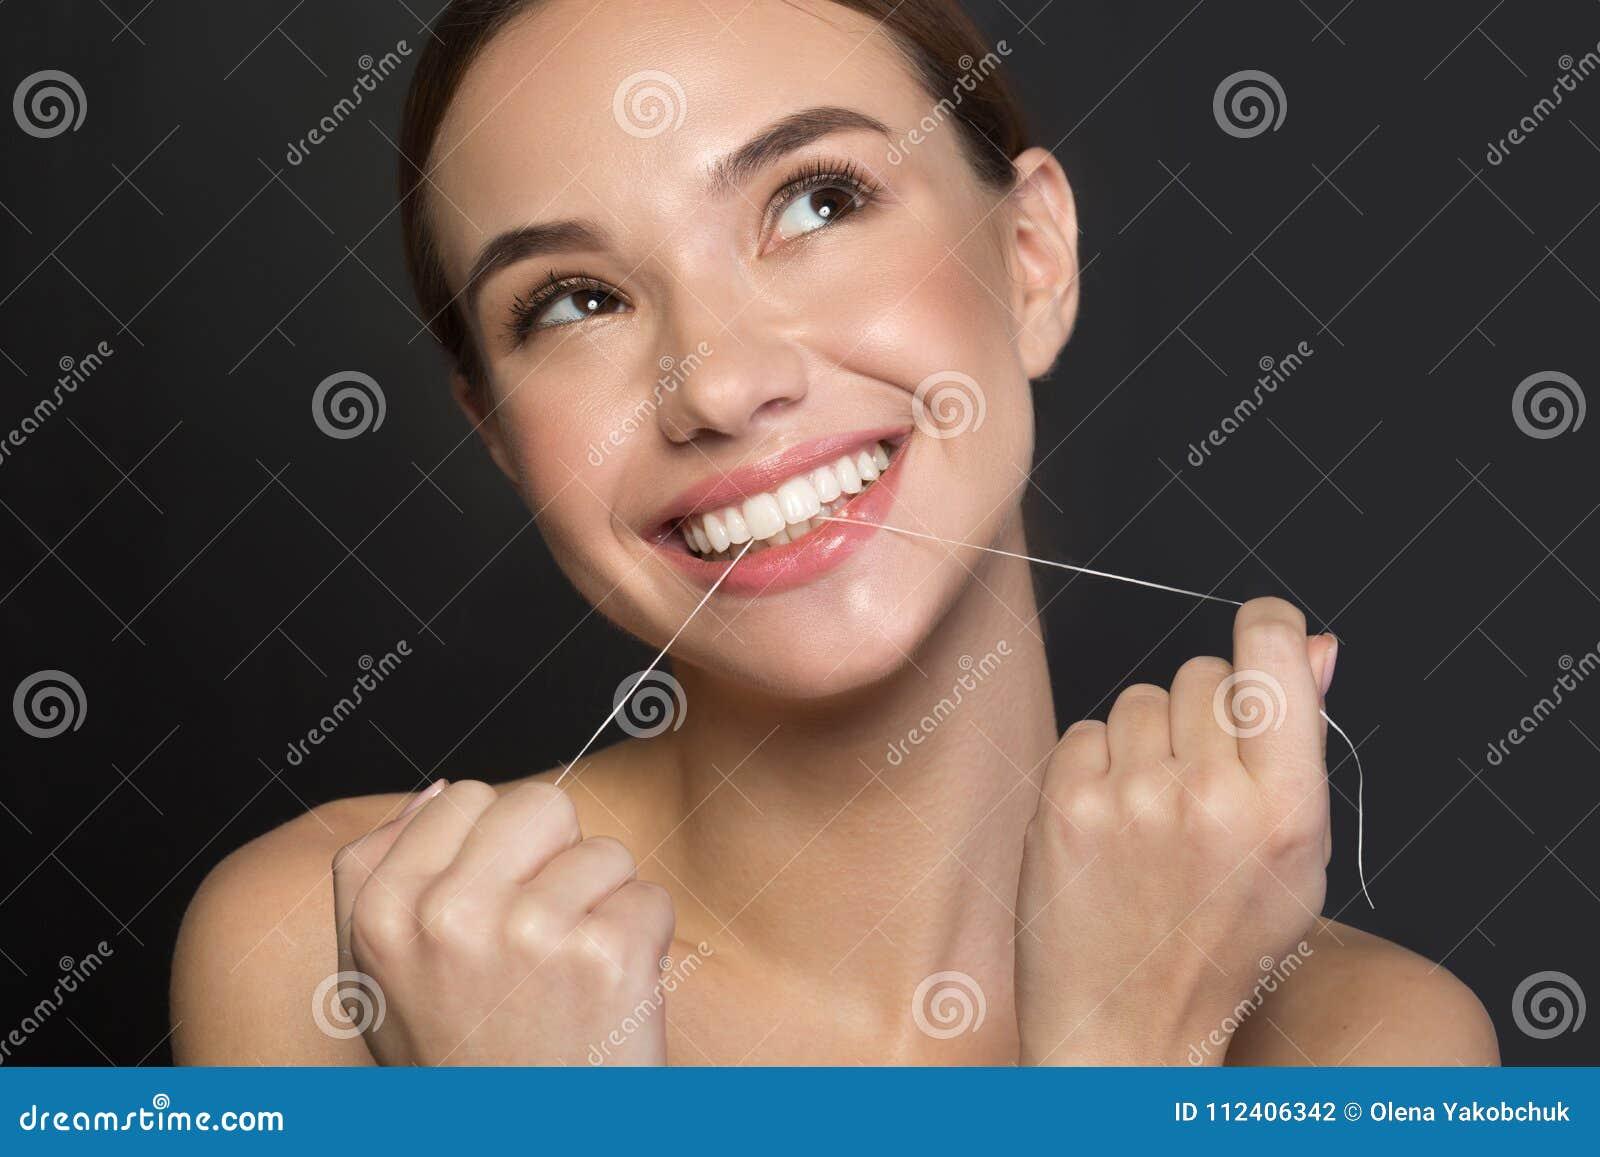 439a42b20 O retrato da menina bonito entusiasmado é estando e de utilização o fio  dental para os dentes de limpeza Está olhando de lado com alegria e sorriso  Isolado ...